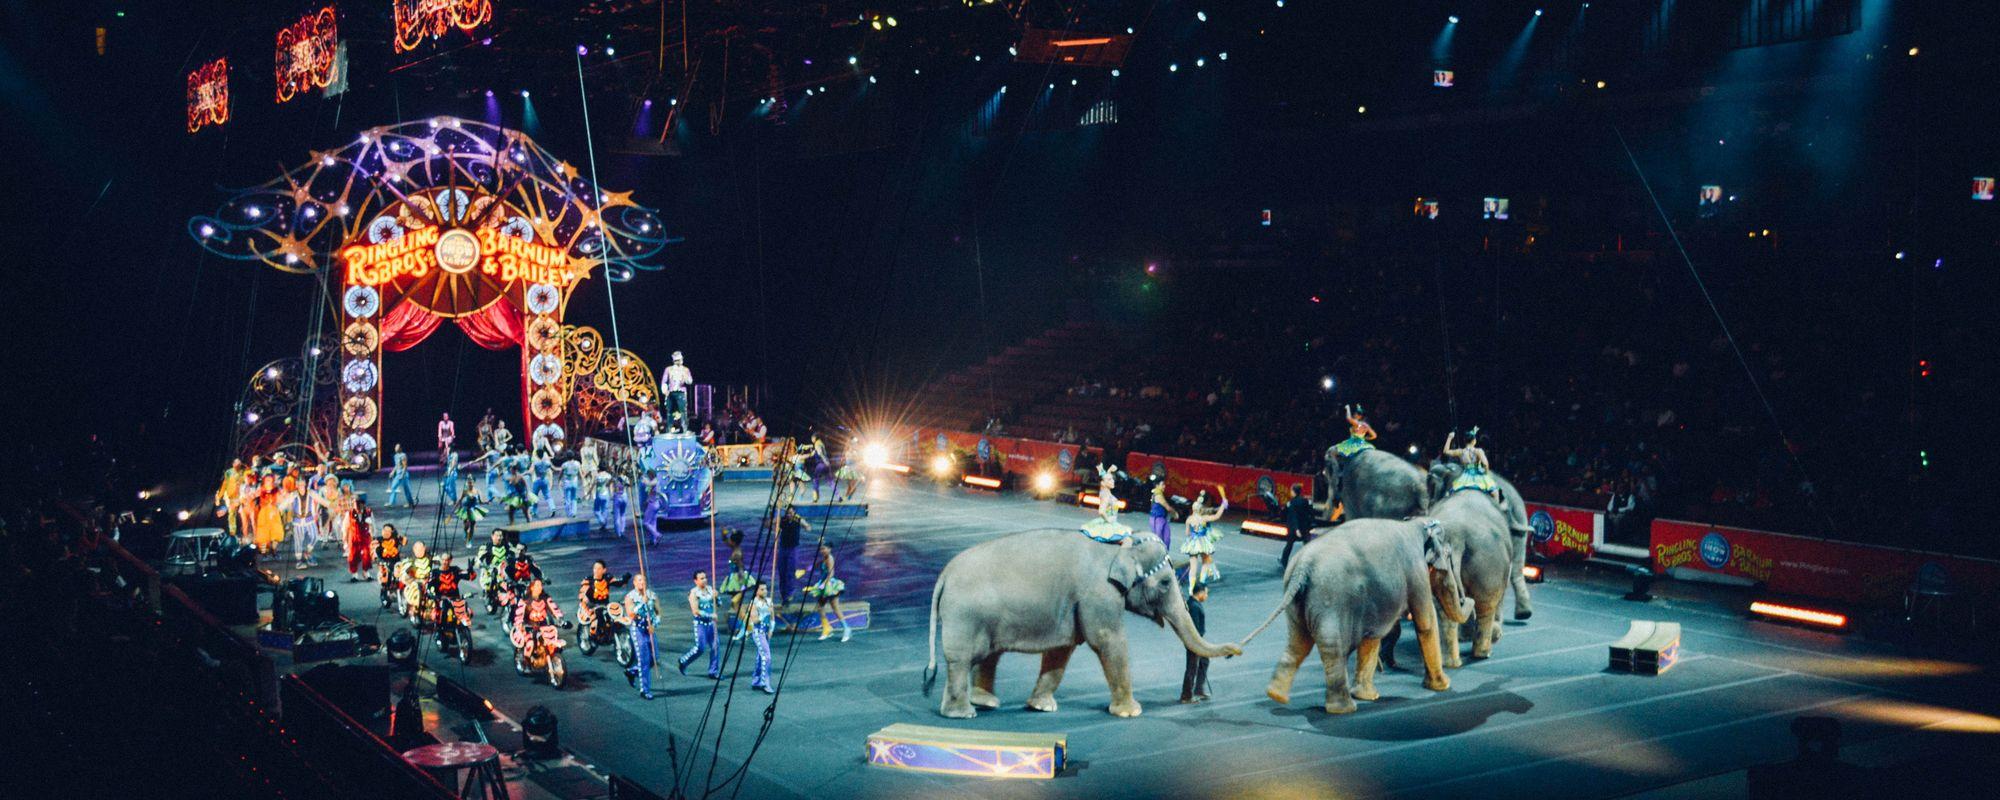 Parada in arena de circ.